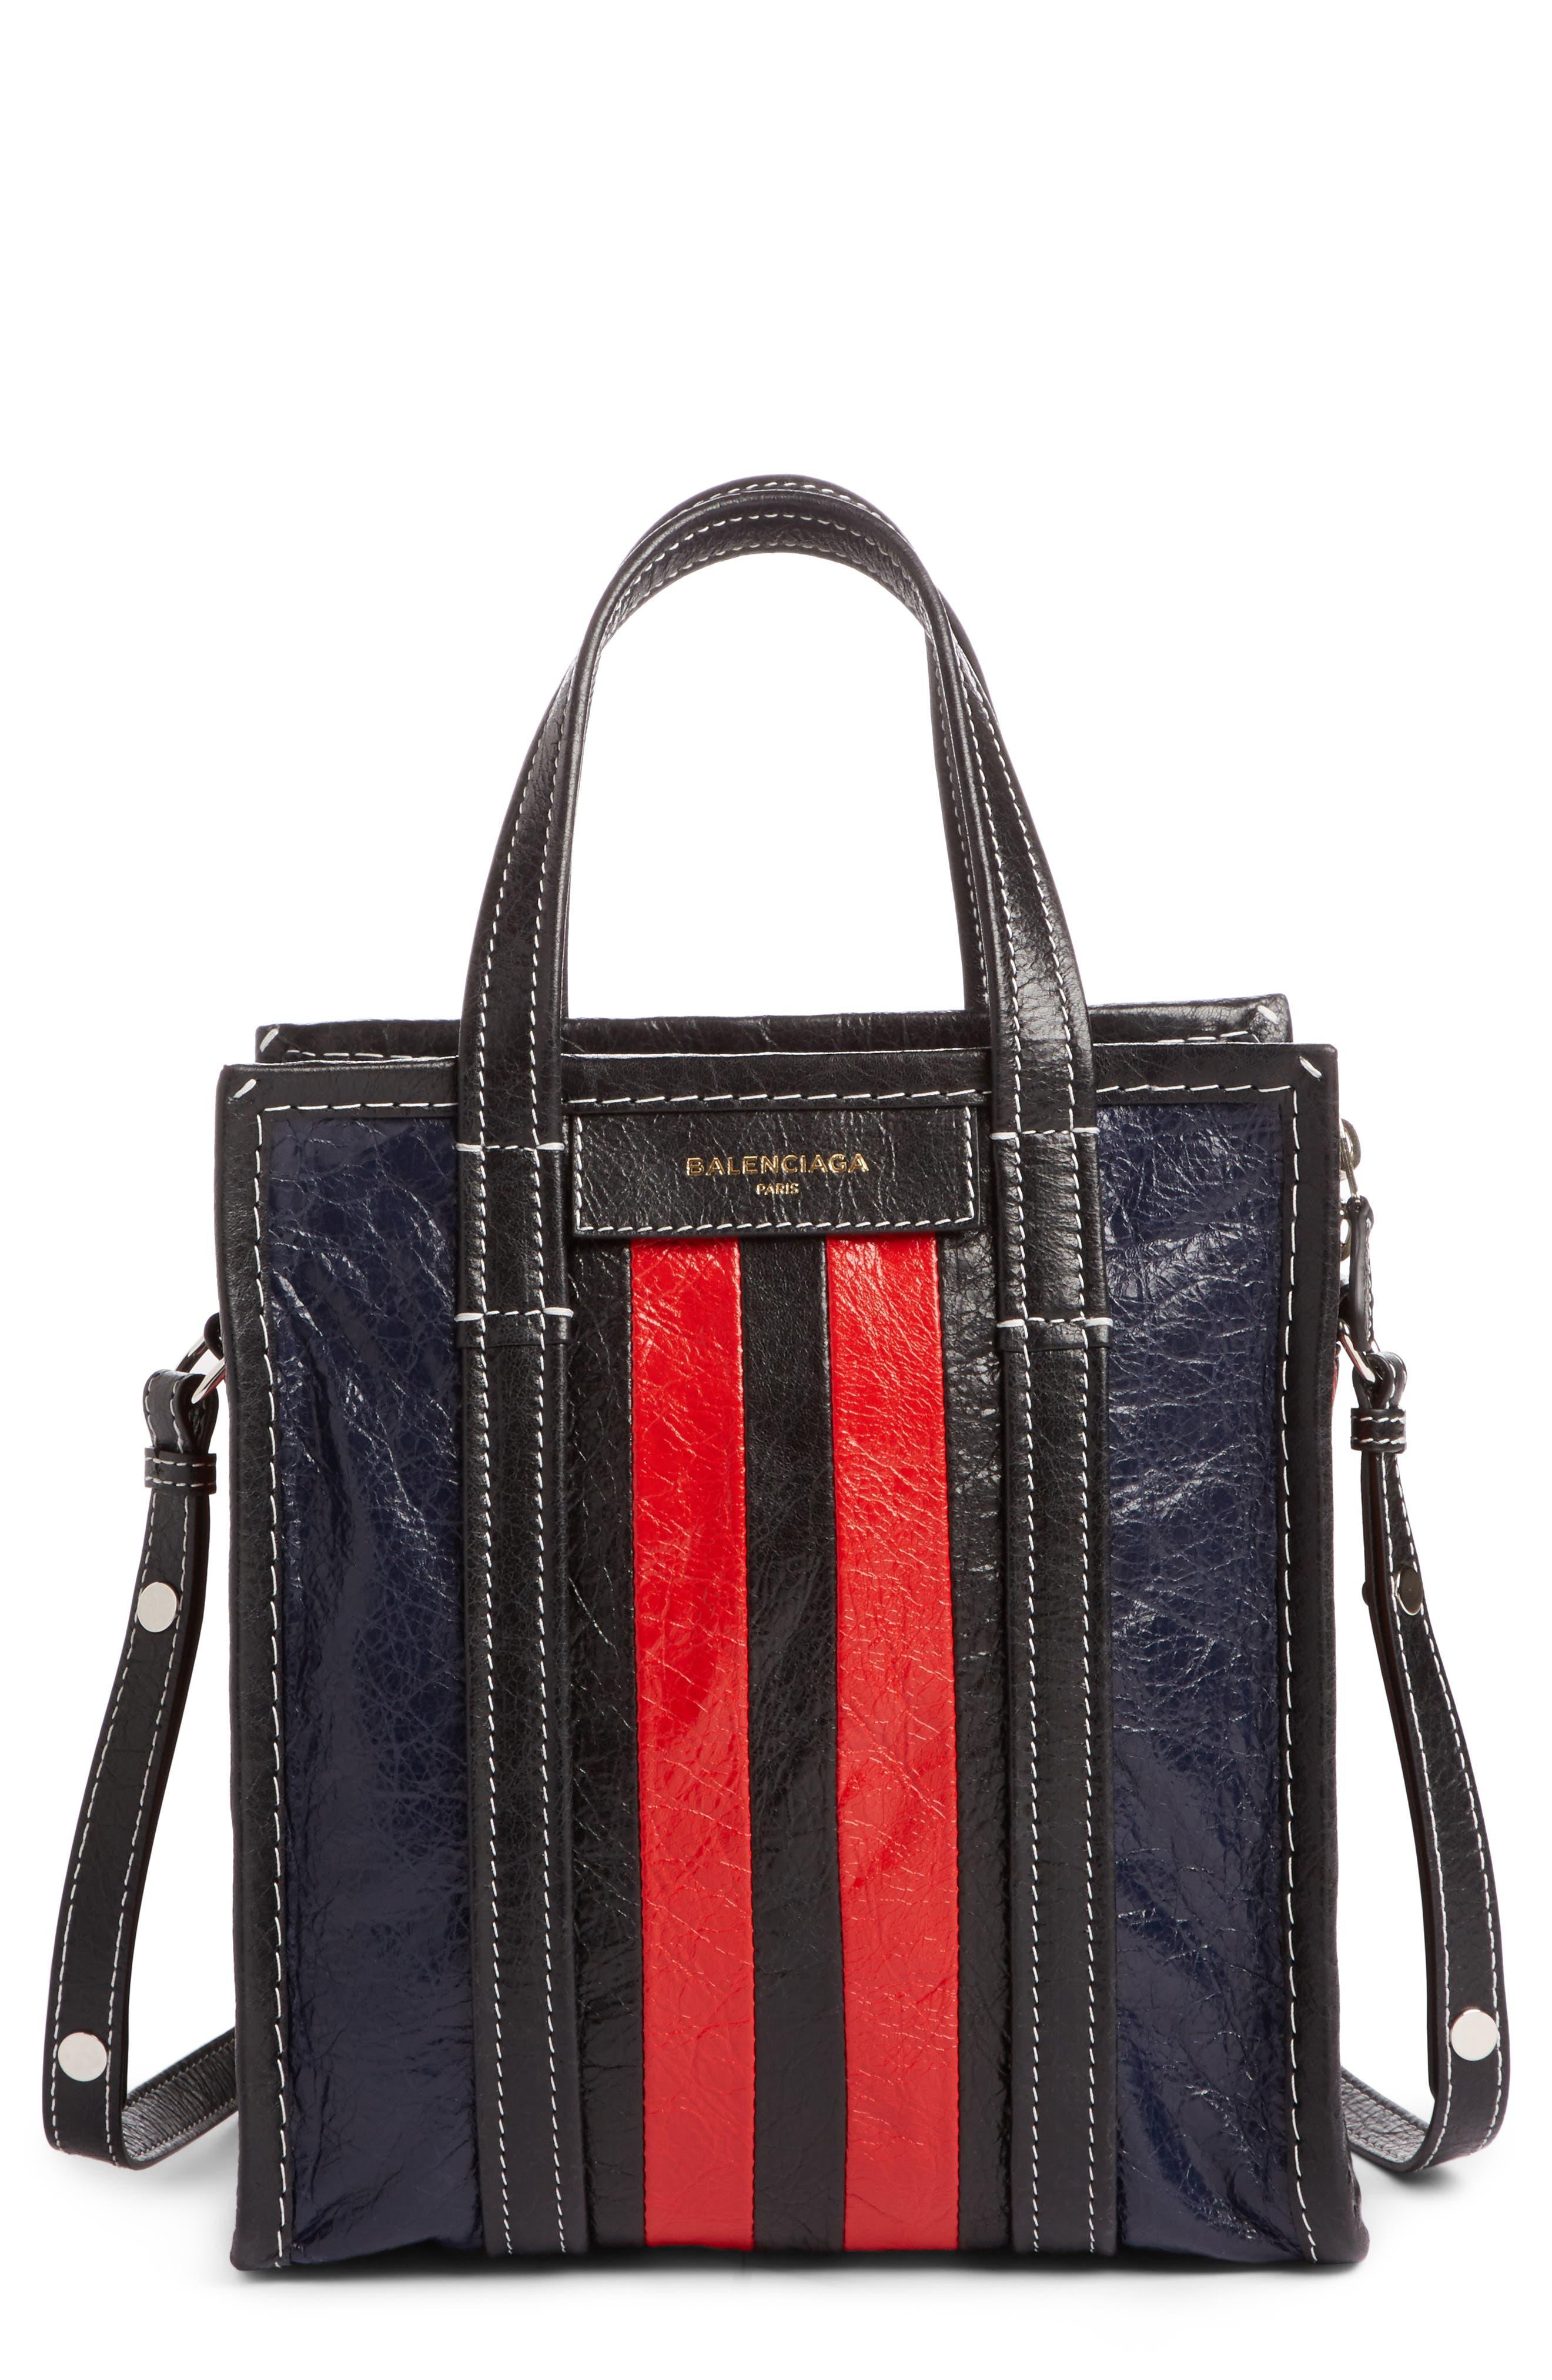 Small Bazar Leather Shopper,                         Main,                         color, Bleu Mar/ Rouge/ Noir